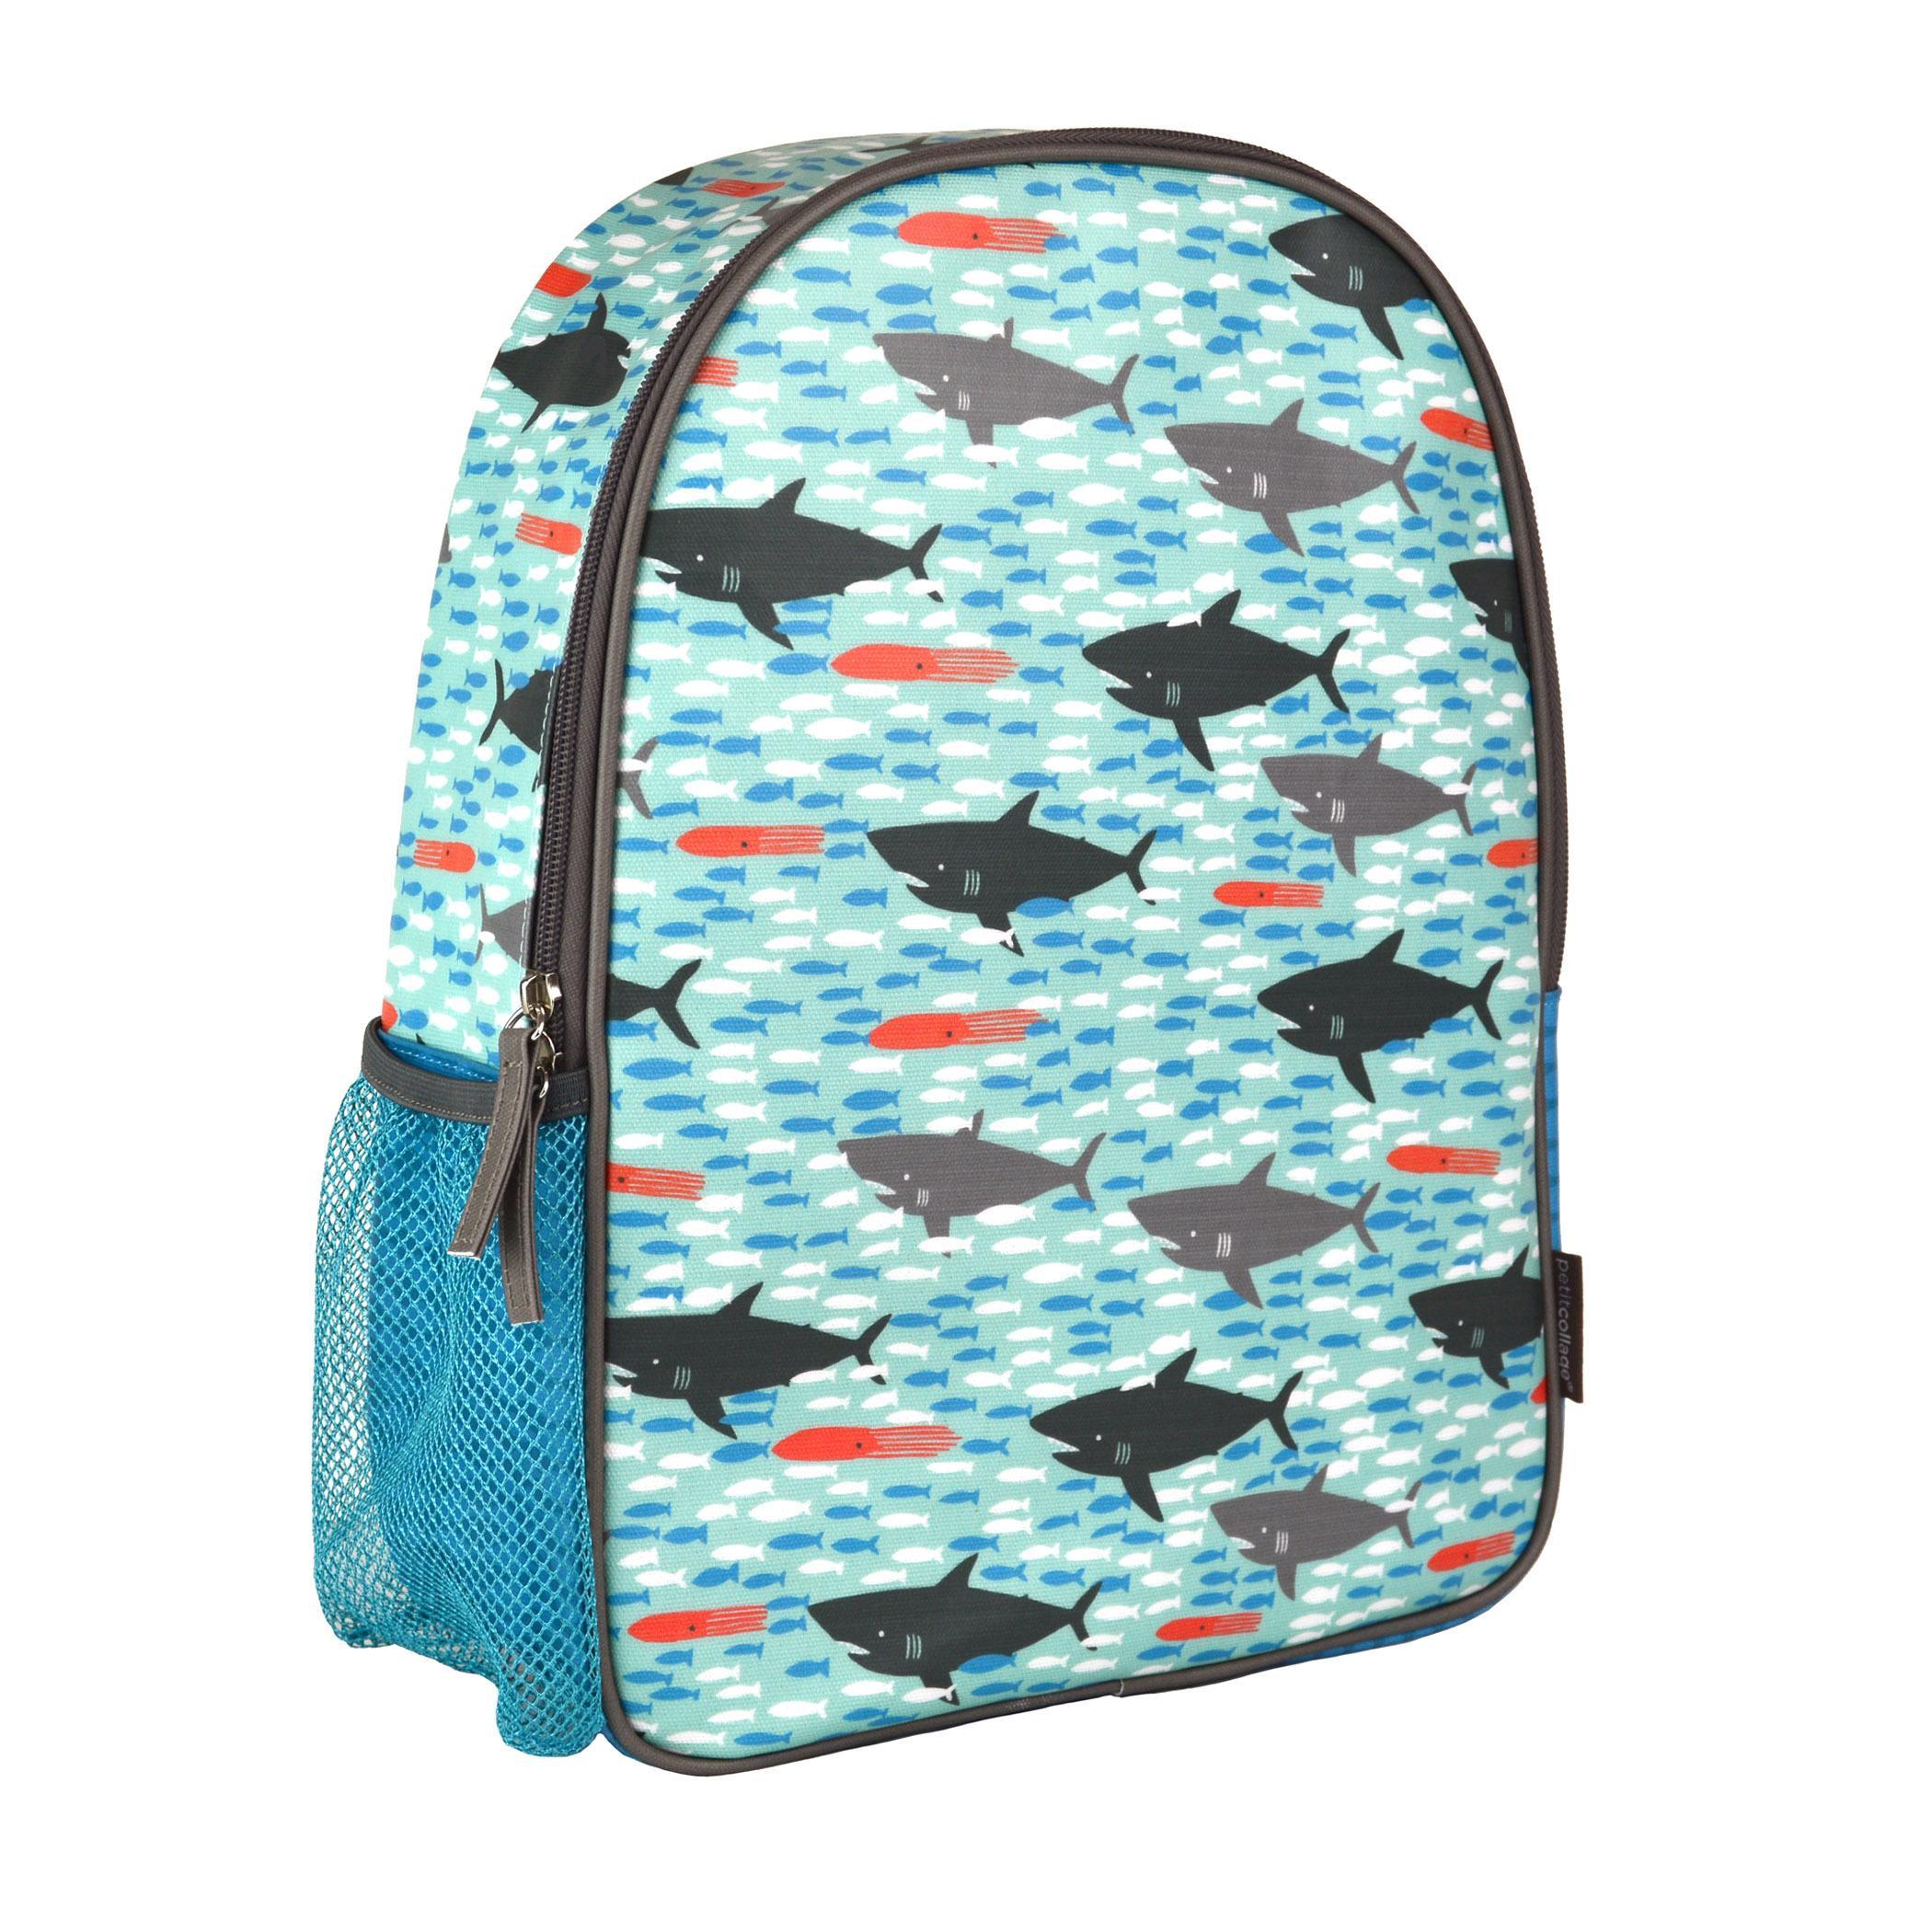 Los Tiburones Eco-Friendly De La Mochila (Otros)-758524449187-0